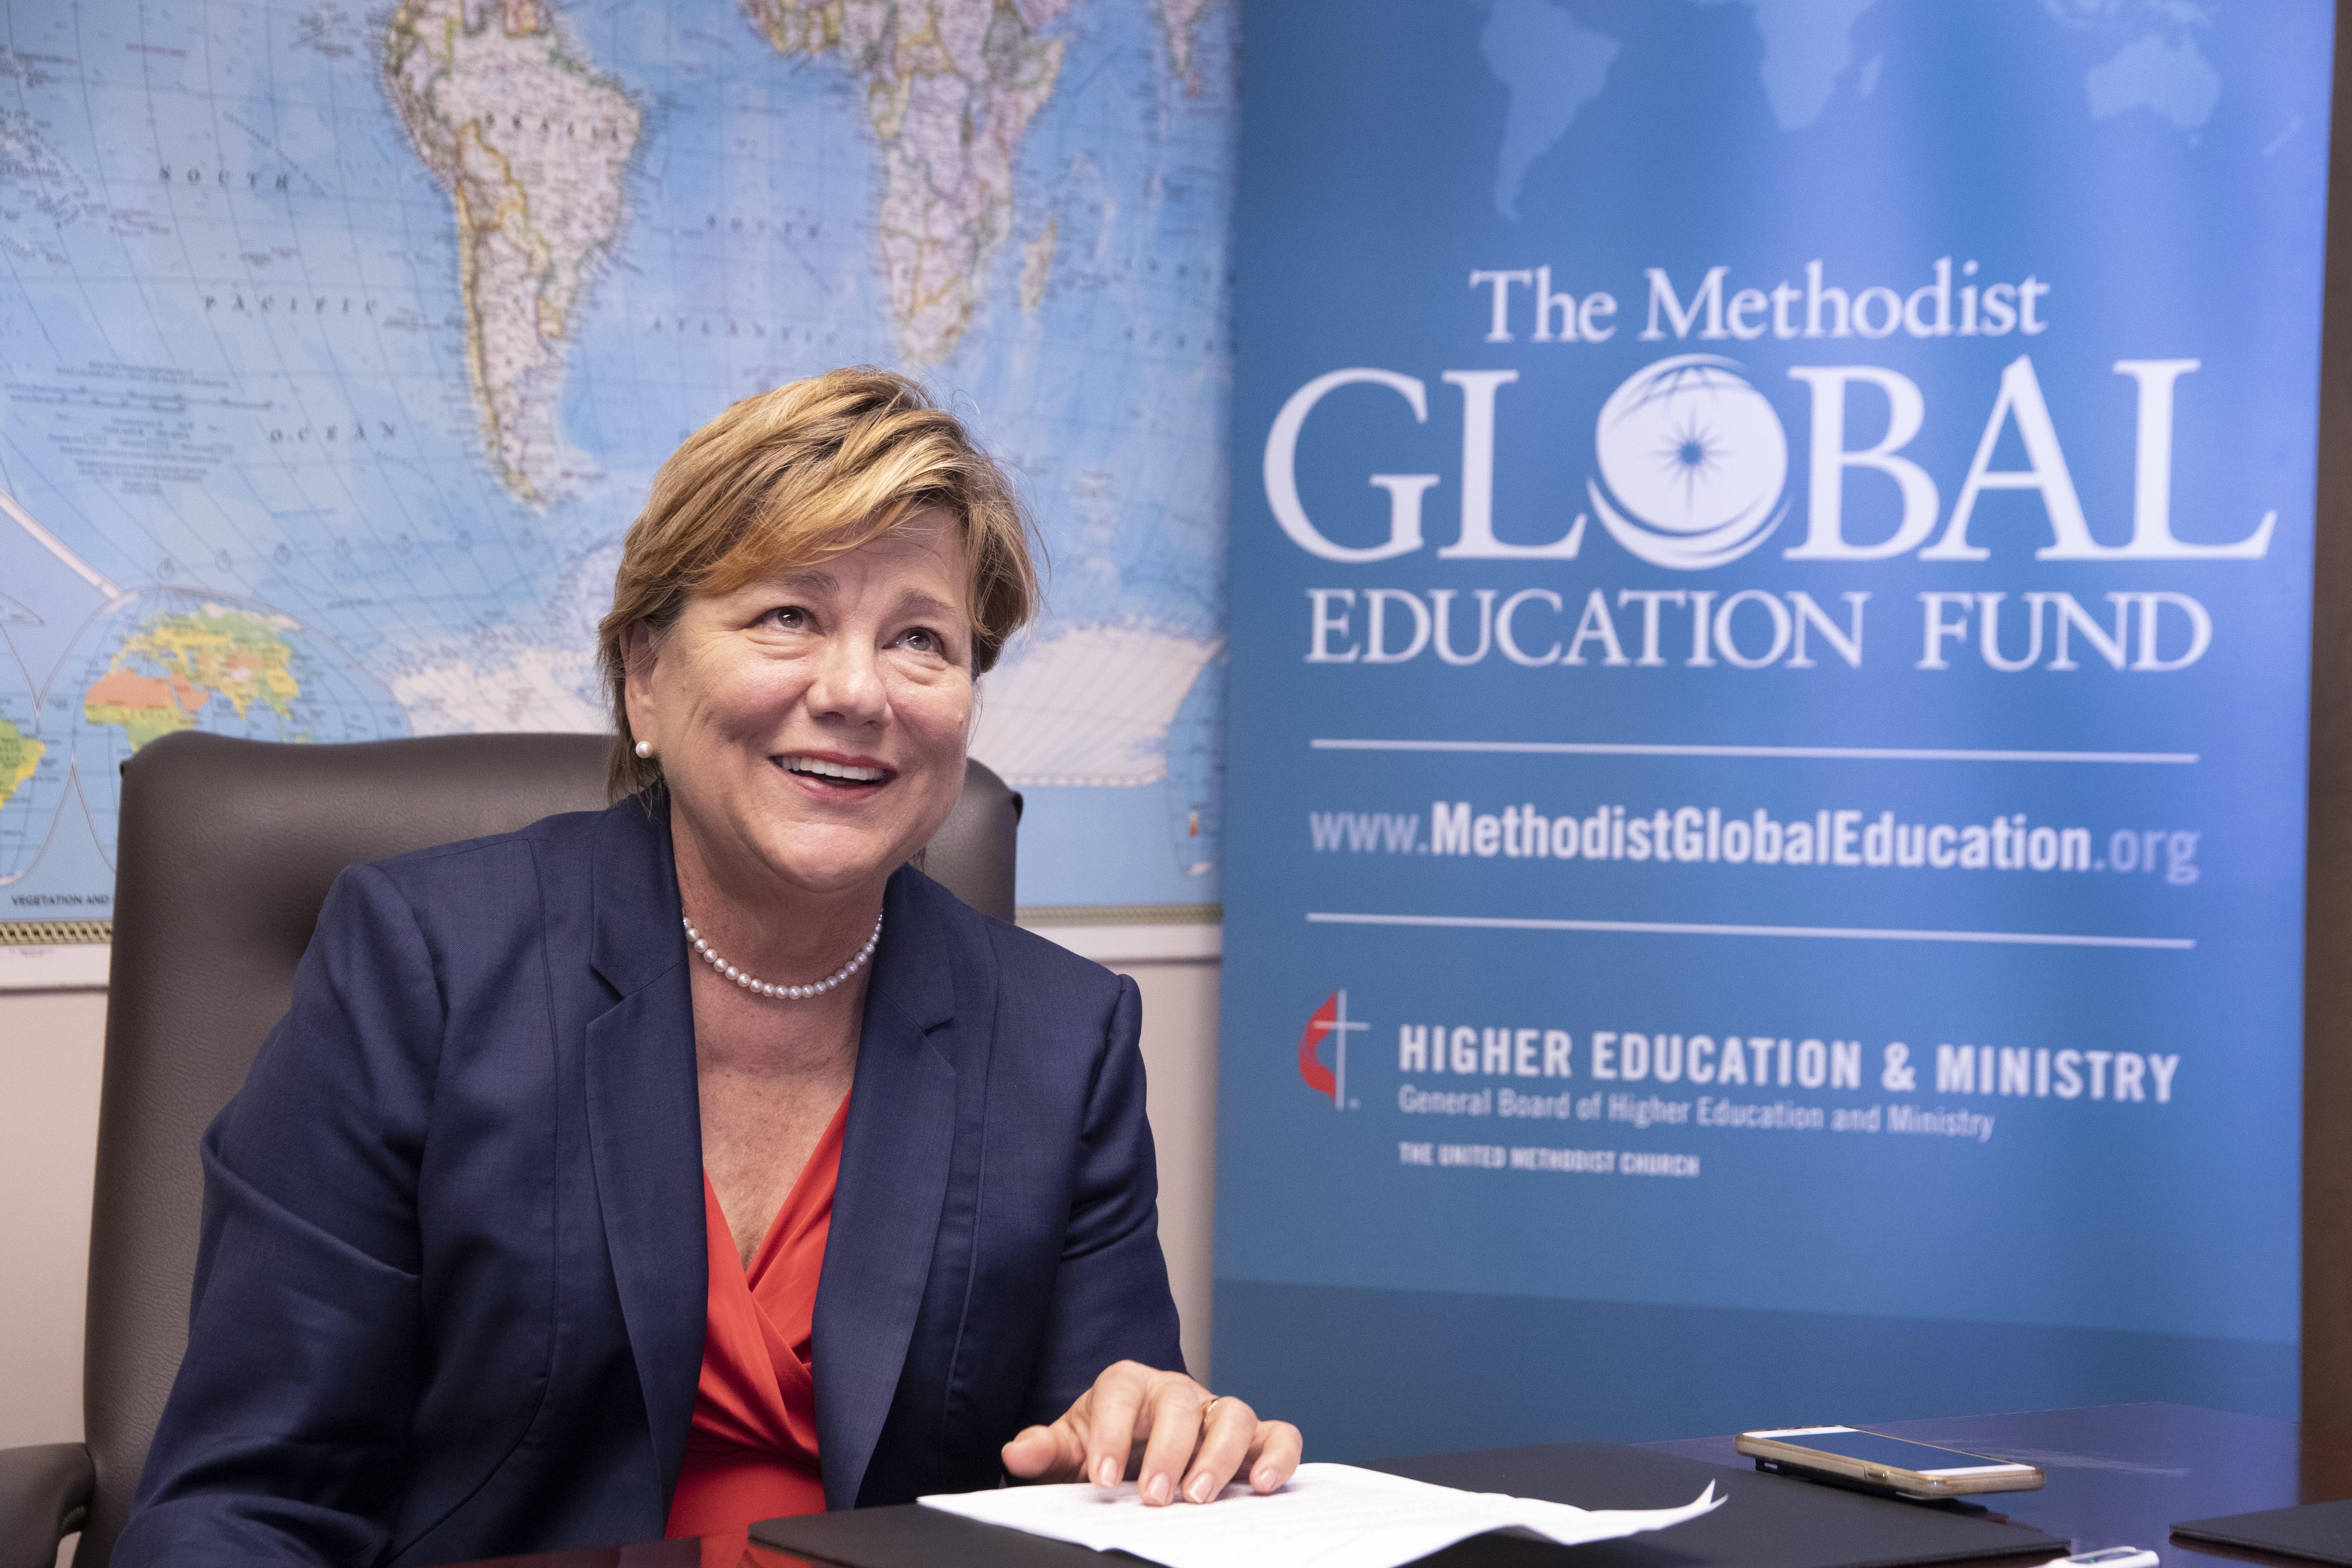 La Revda. Kim Cape, Secretaria General de la Junta Metodista Unida de Educación Superior y Ministerio (GBHEM), se retiró el 1 de junio de 2019. Foto por Kathleen Barry, Noticias MU.